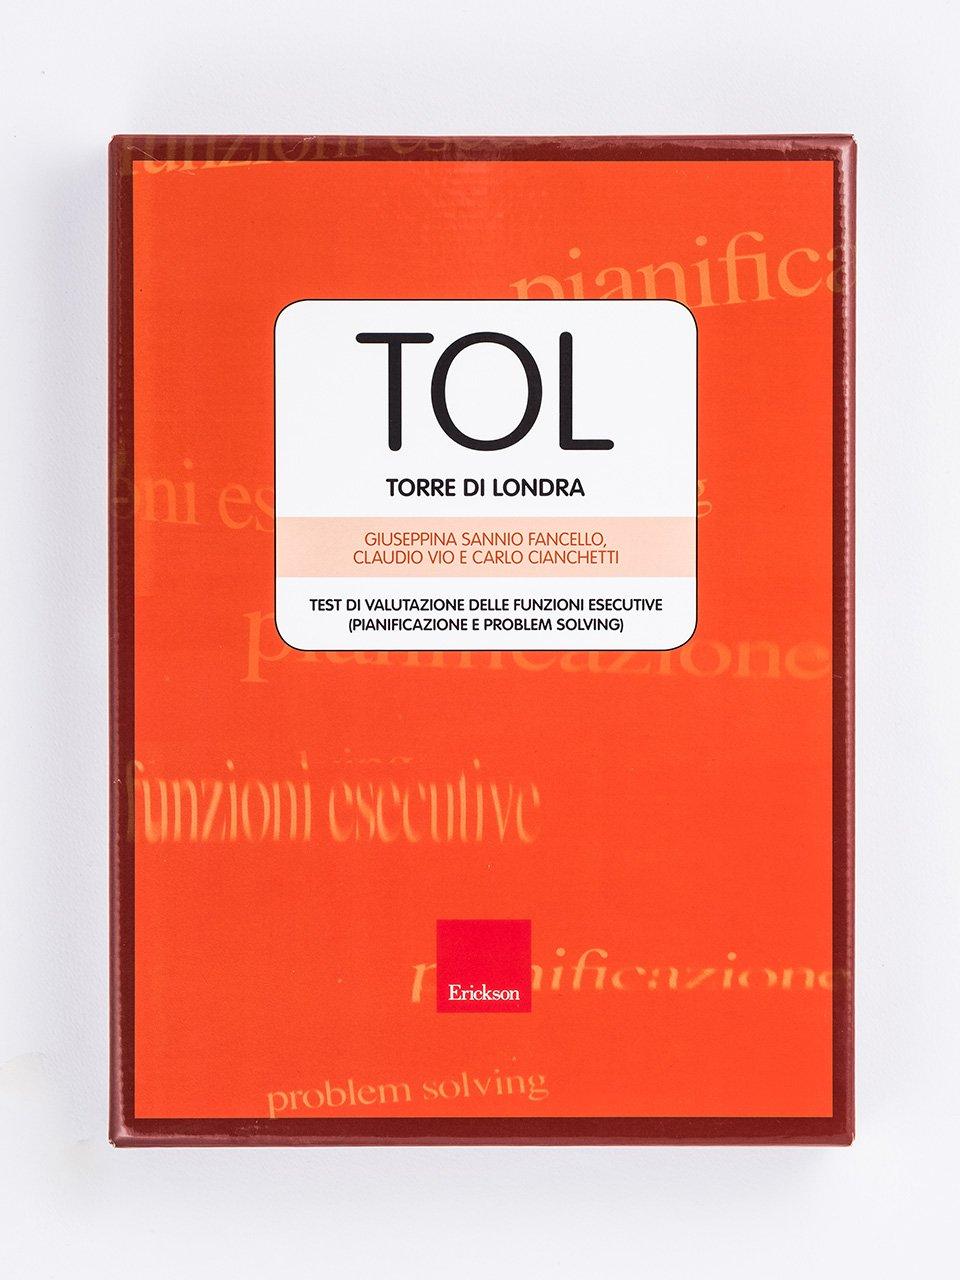 Test TOL - Torre di Londra (Test di valutazione delle funzioni esecutive) - C'era un Pirata - Giochi - Erickson